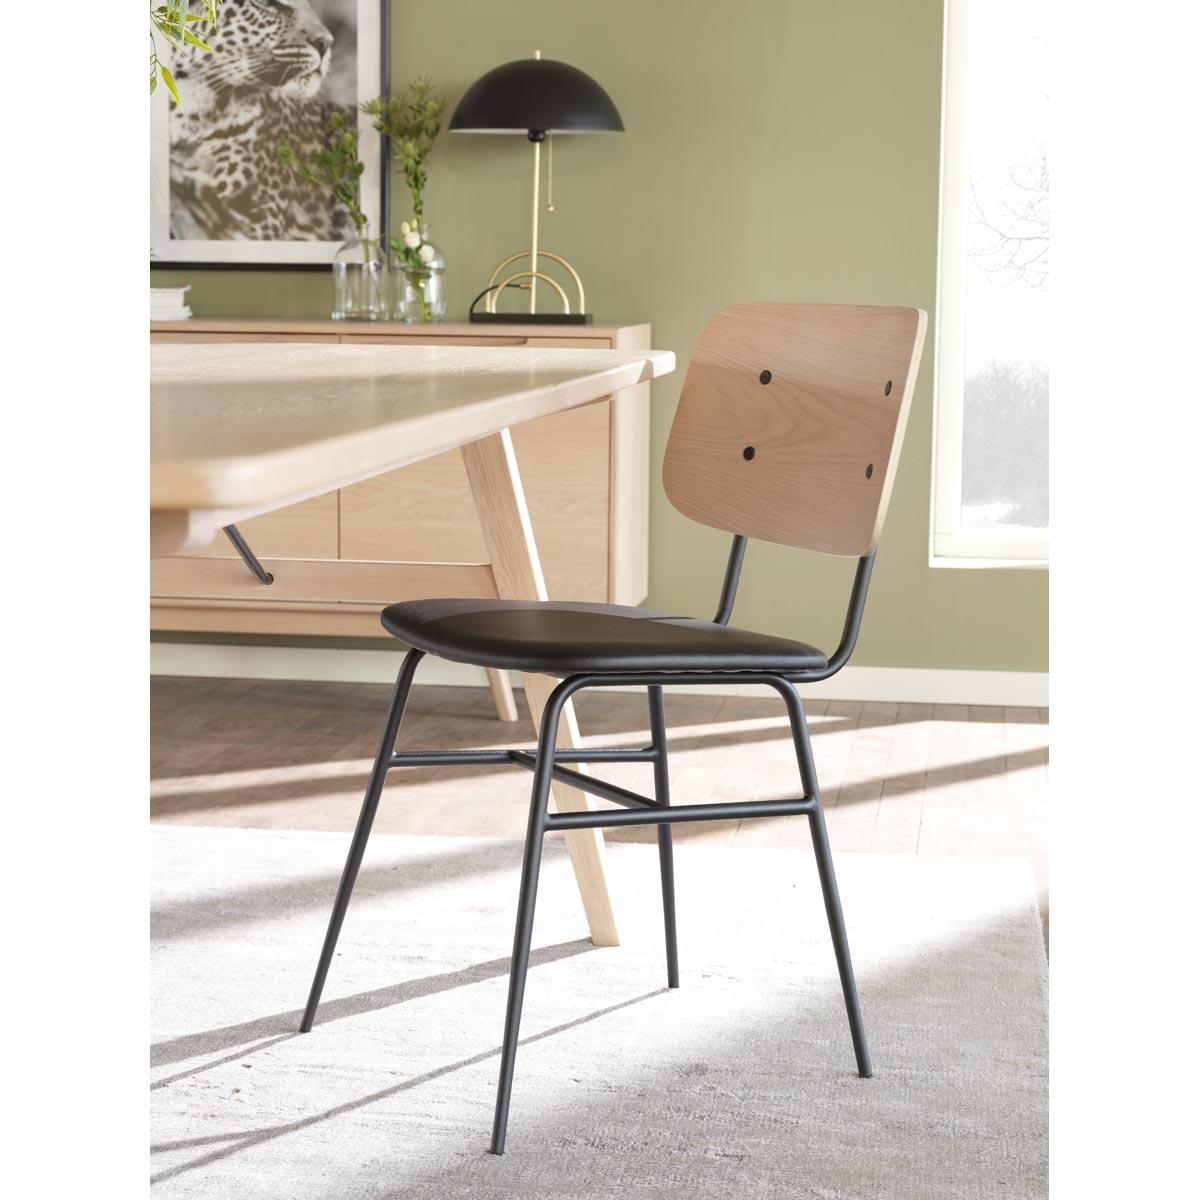 Graham-sideboard-vitpigm-118934_b-Brent-stol